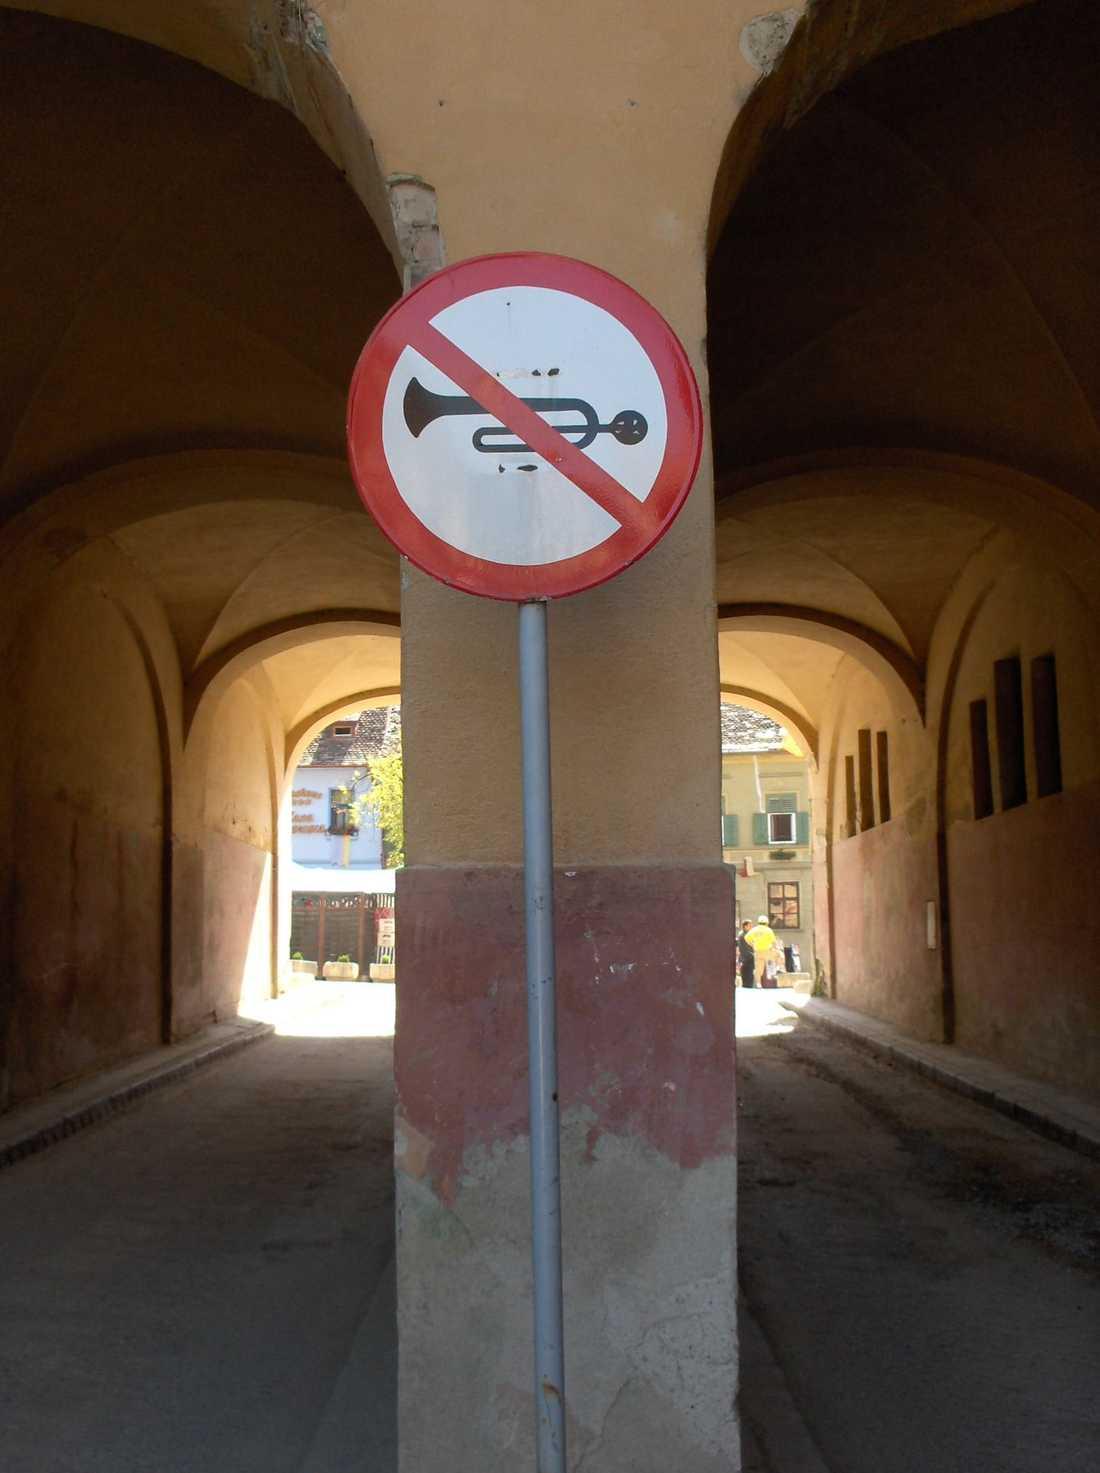 Strängt förbjudet att spela trumpet. Skylten återfinns i Rumänien, enligt Robin Enlund.